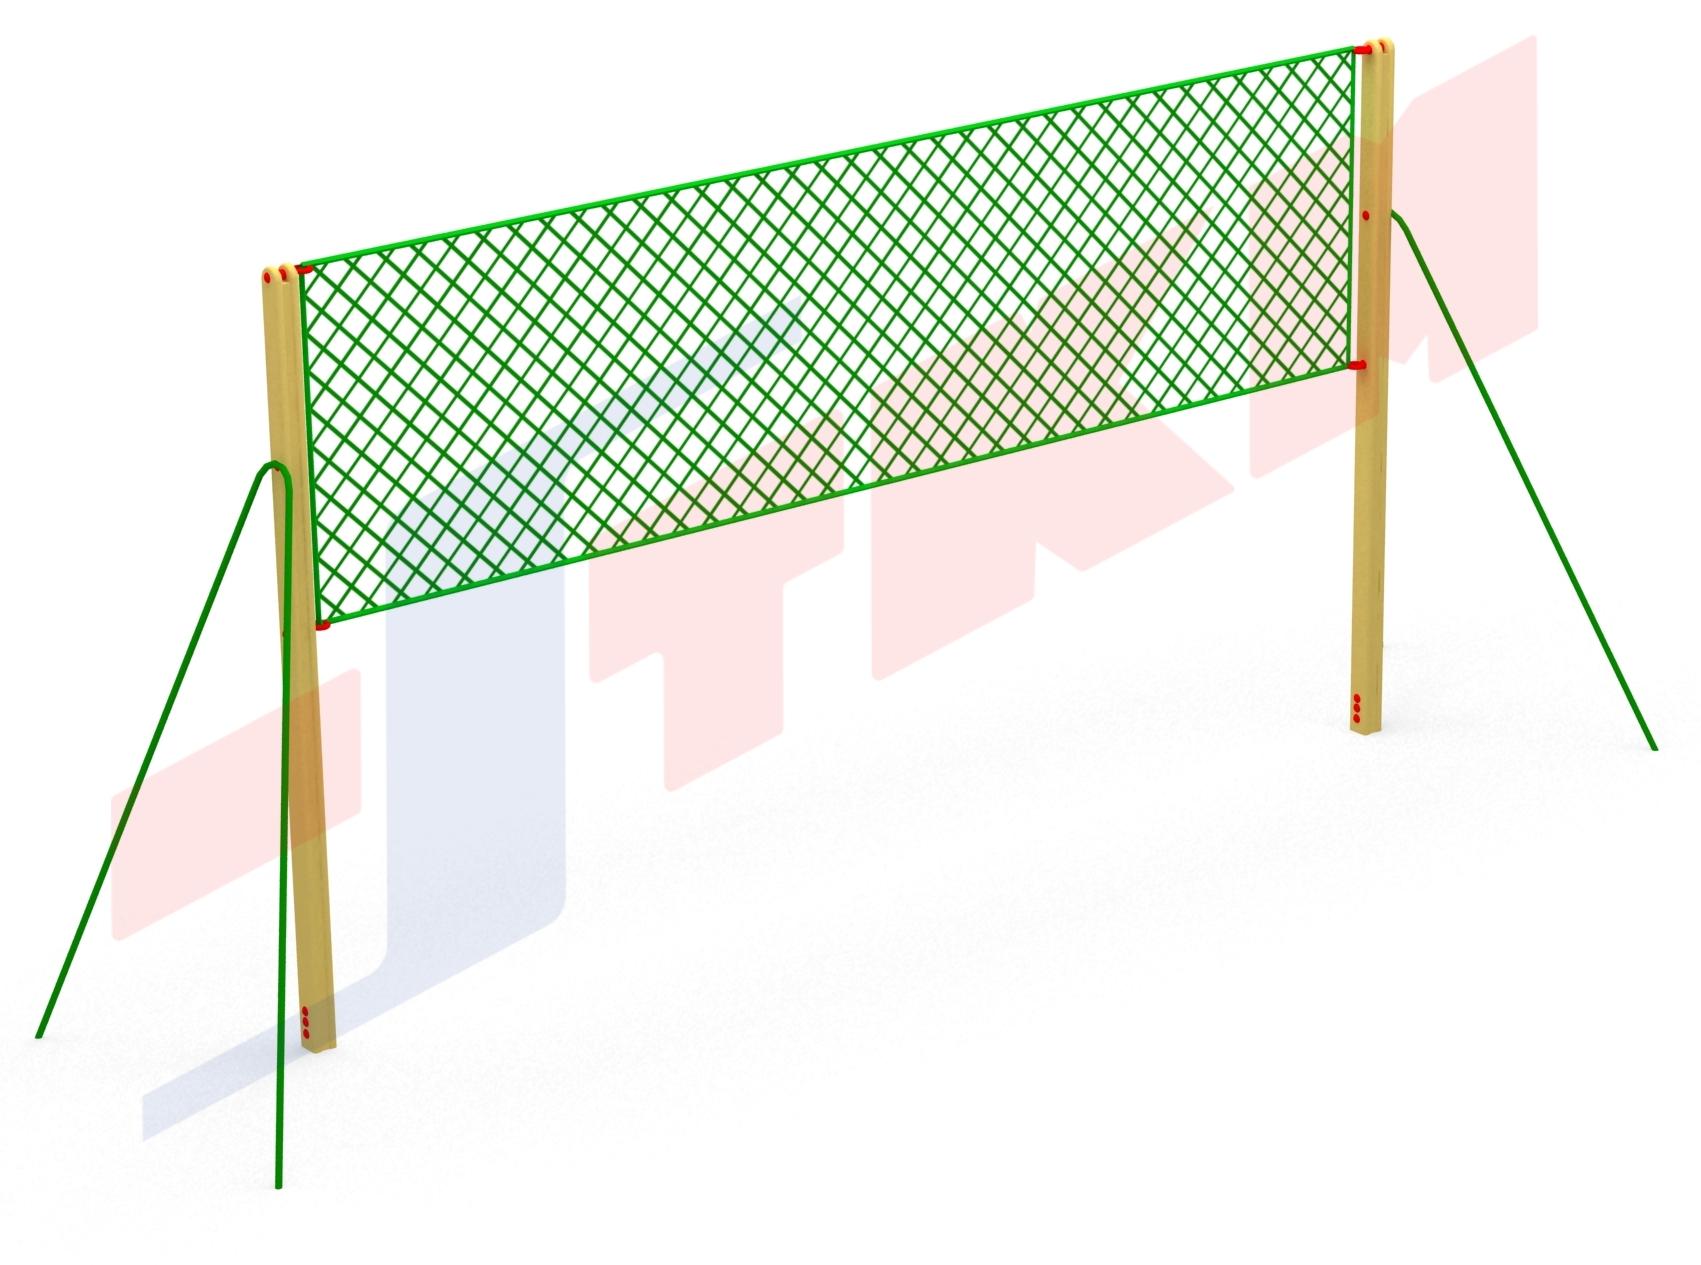 Крепление волейбольной сетки к стене своими руками